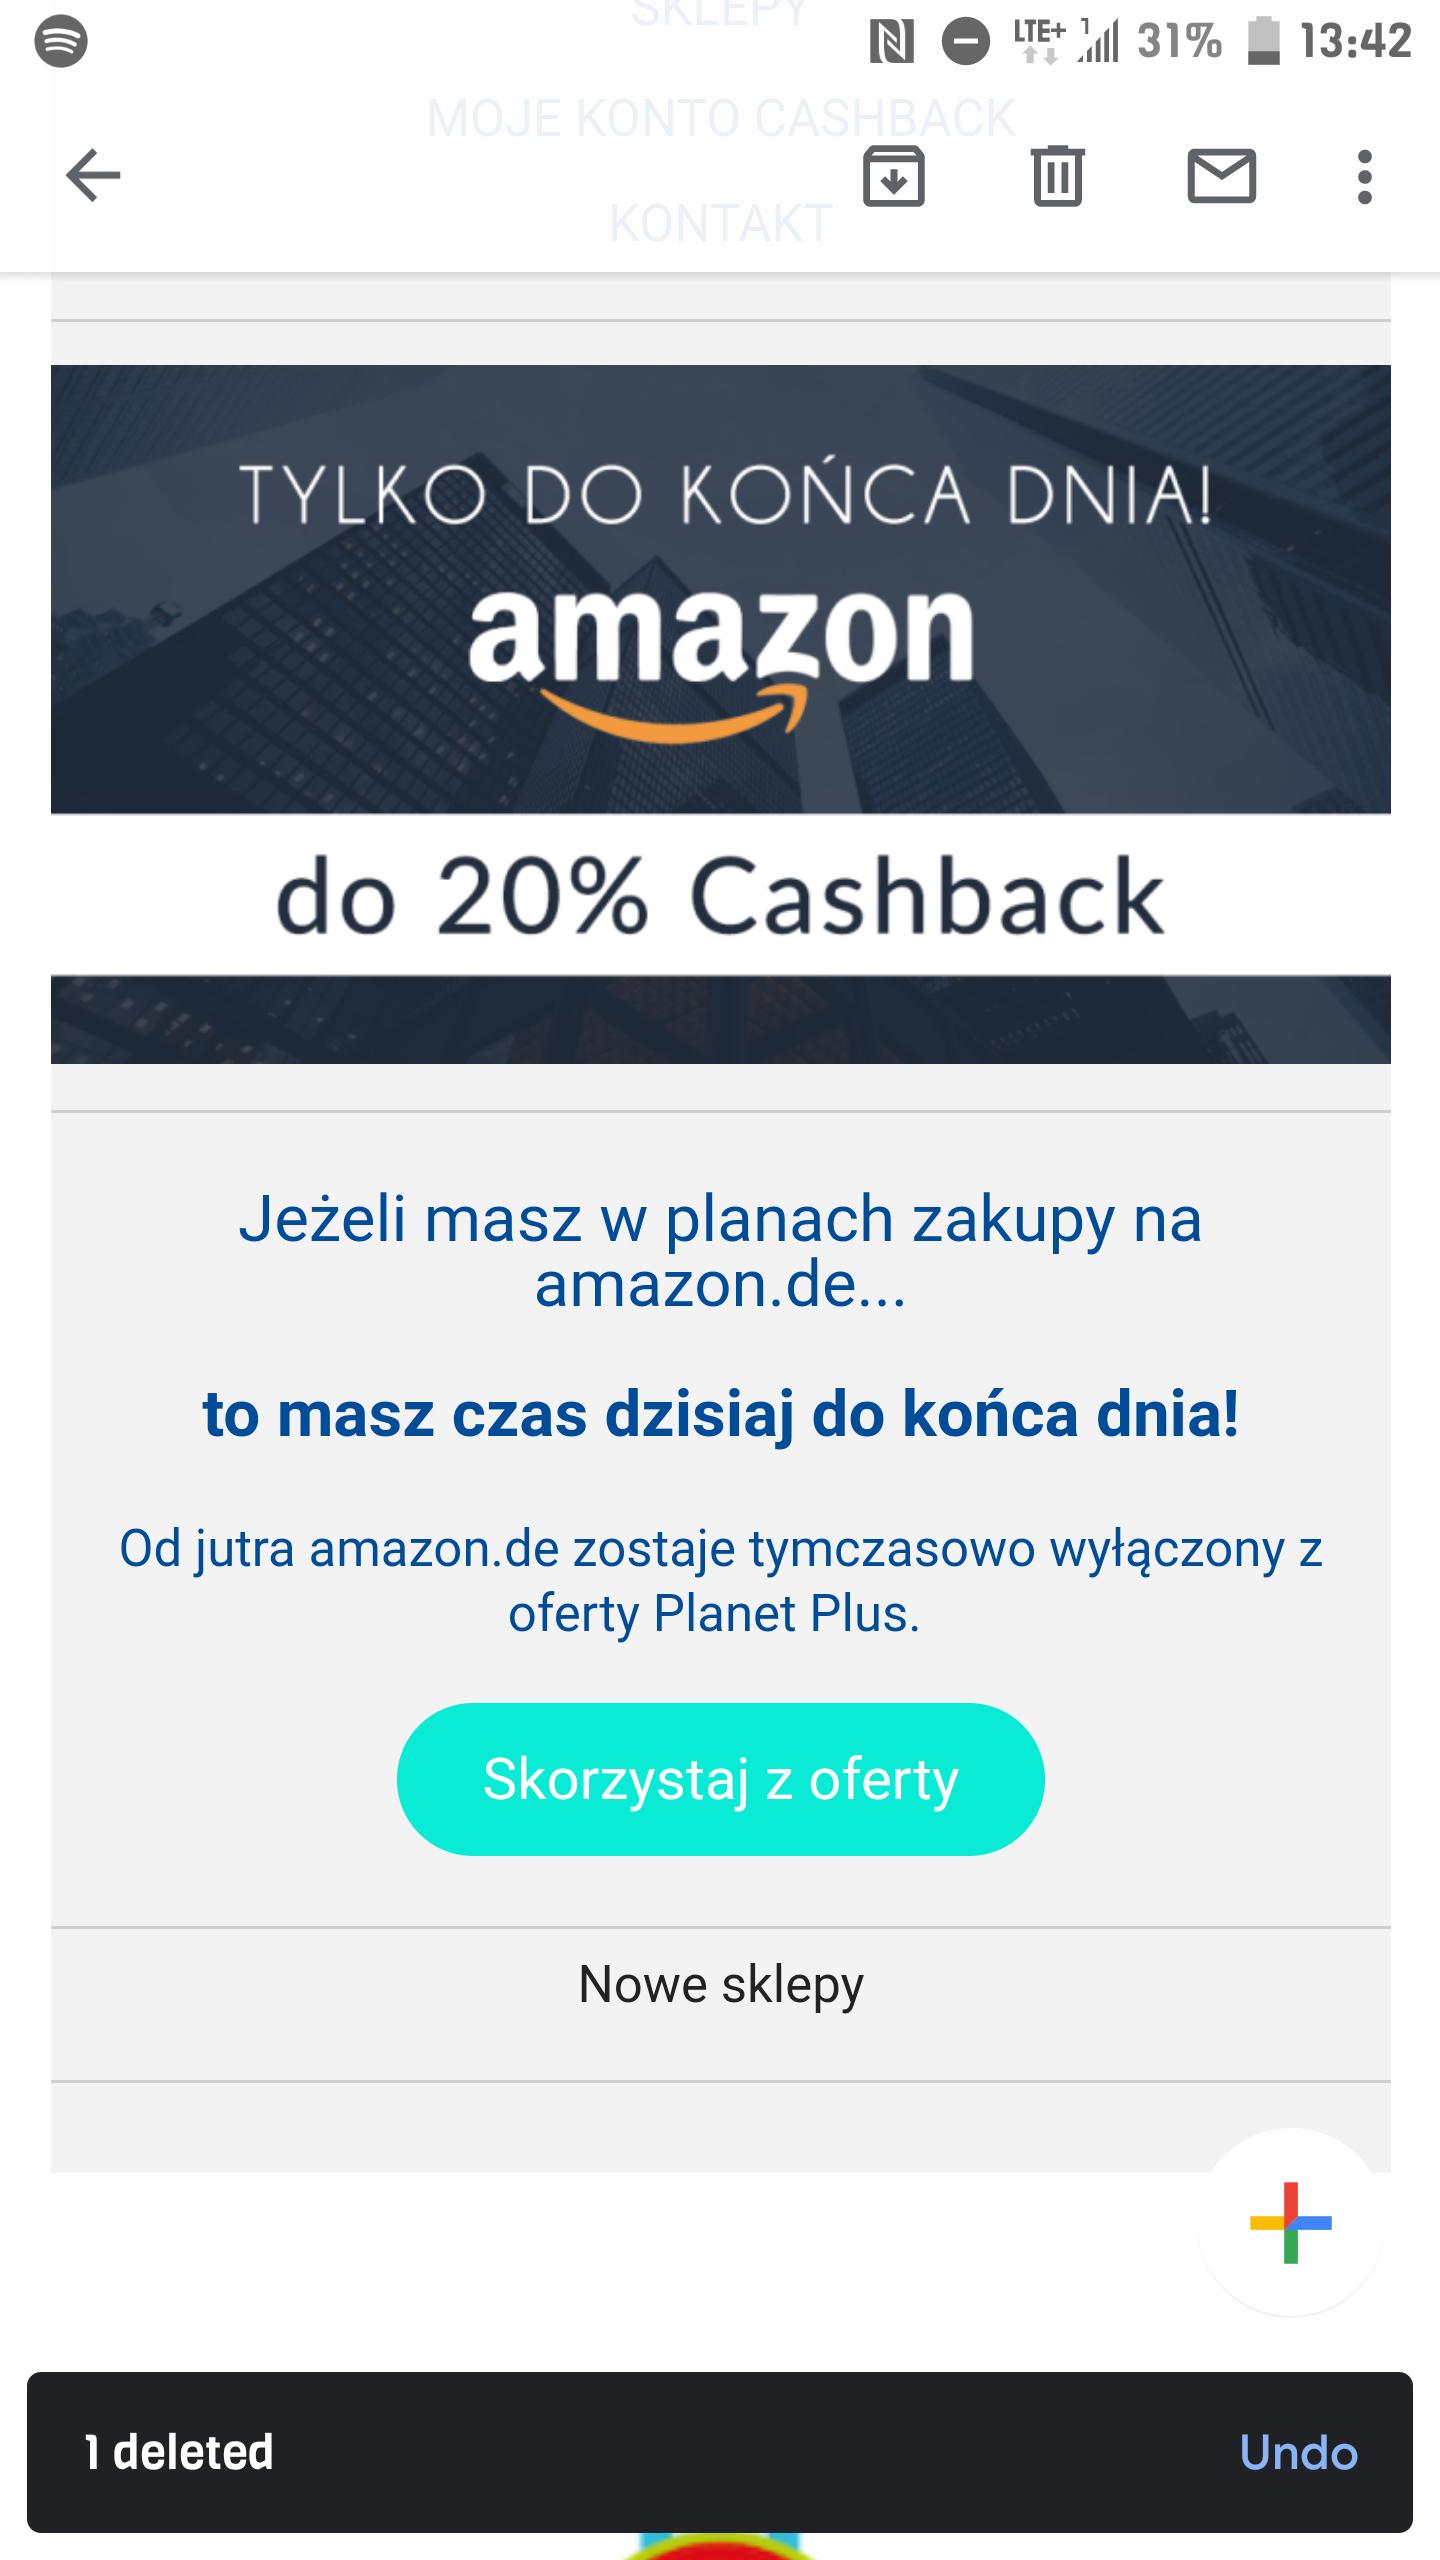 20 % cashback planet plus w Amazon.de od 7 stycznia